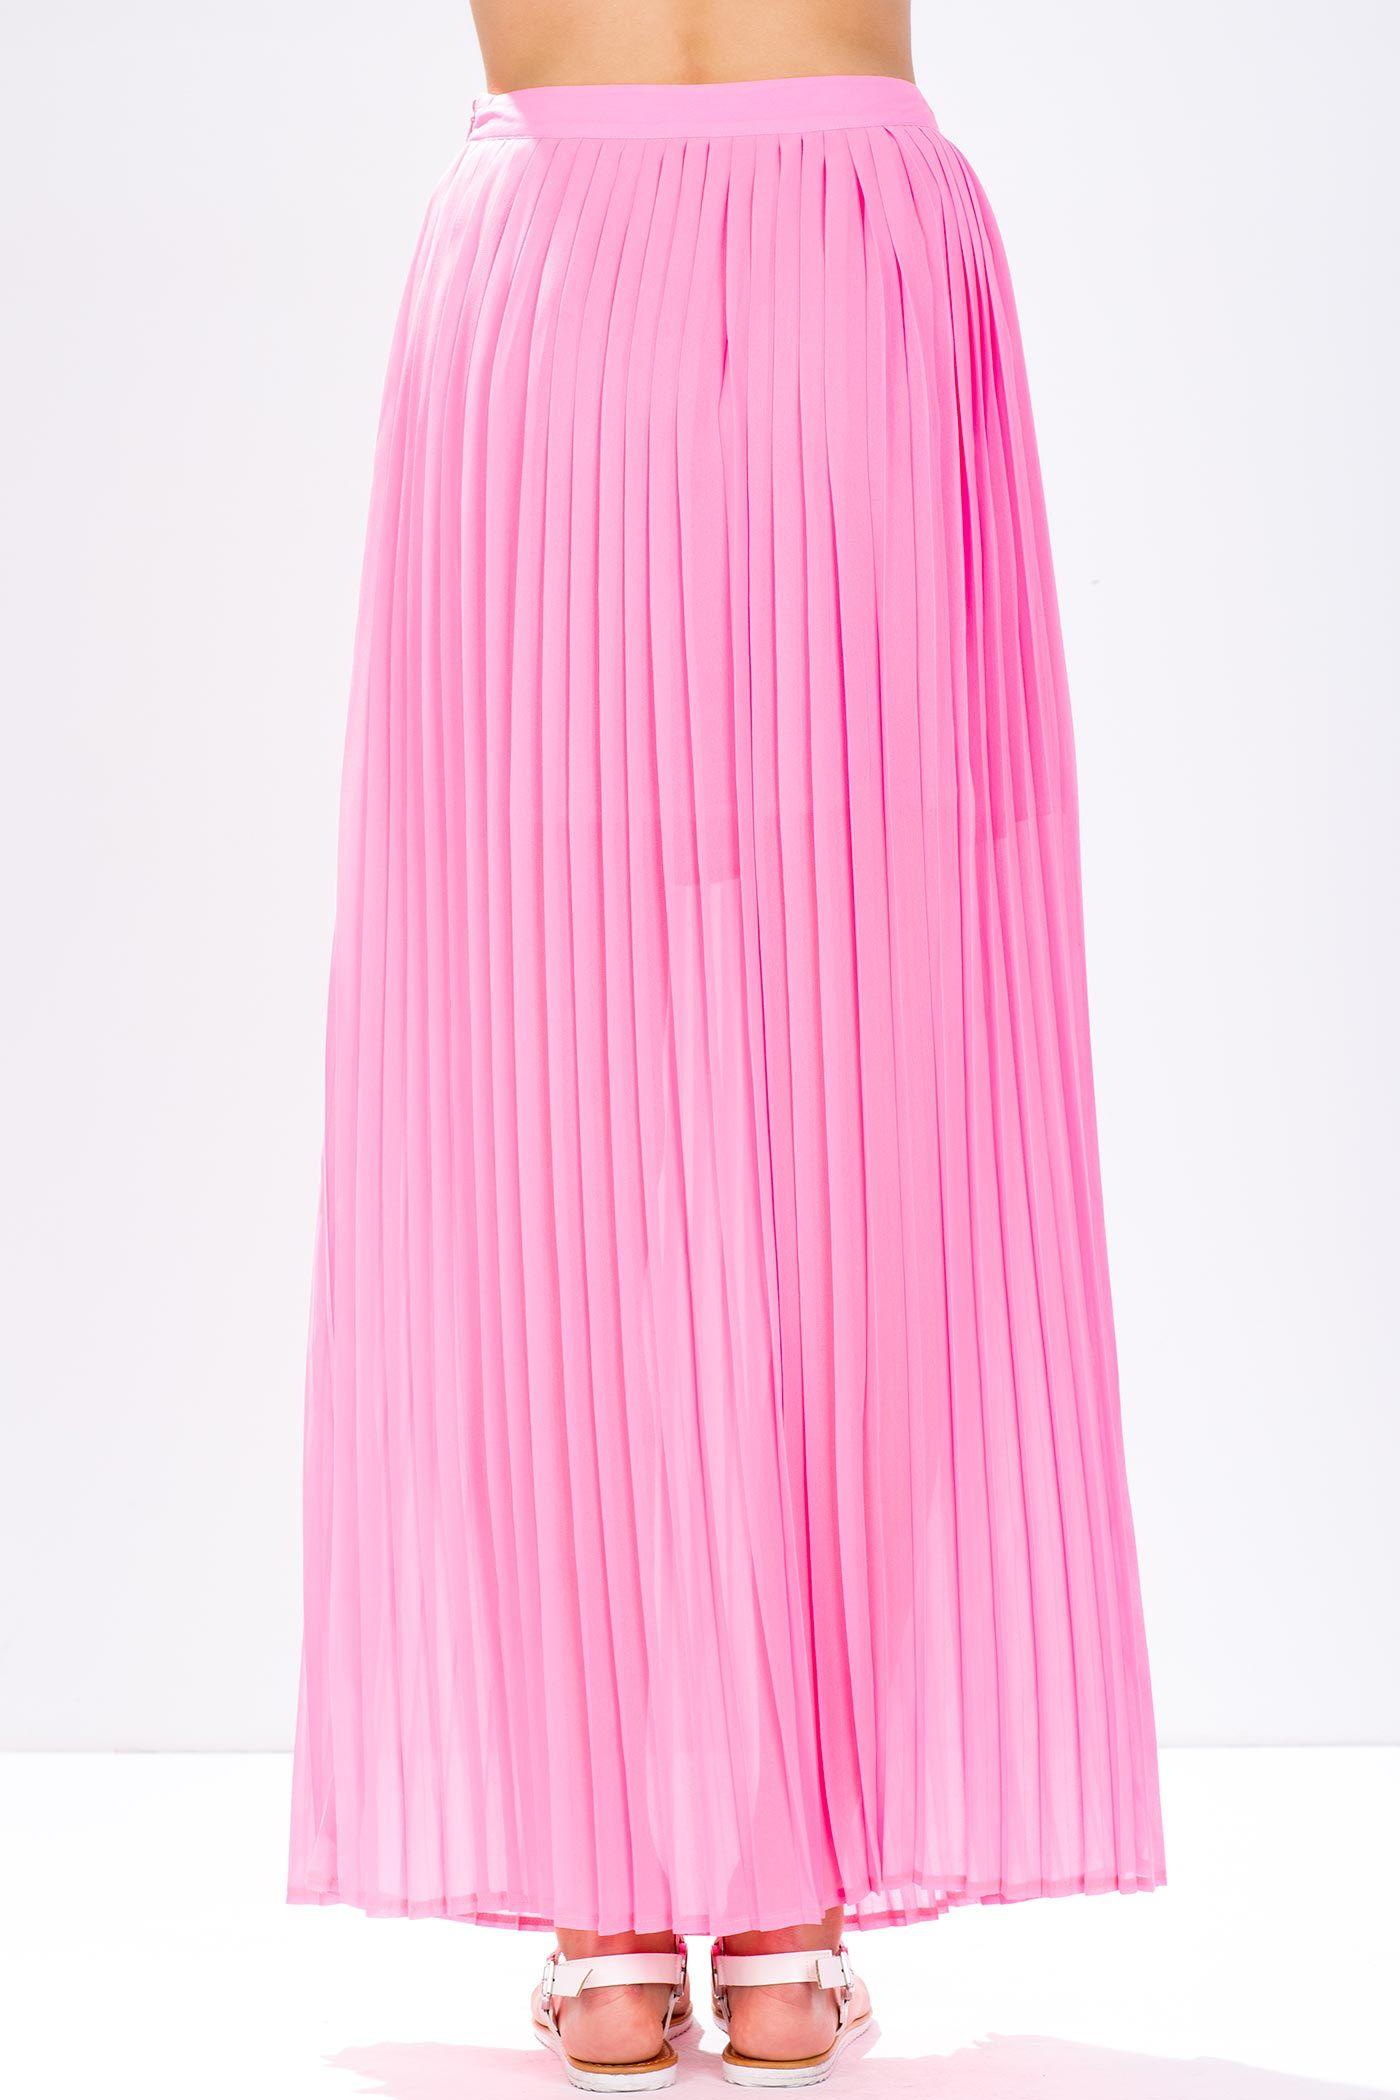 Плиссированная юбка Размеры: M, L Цвет: лимонный, розовый, коралловый Цена: 677 руб.  #одежда #женщинам #юбки #коопт